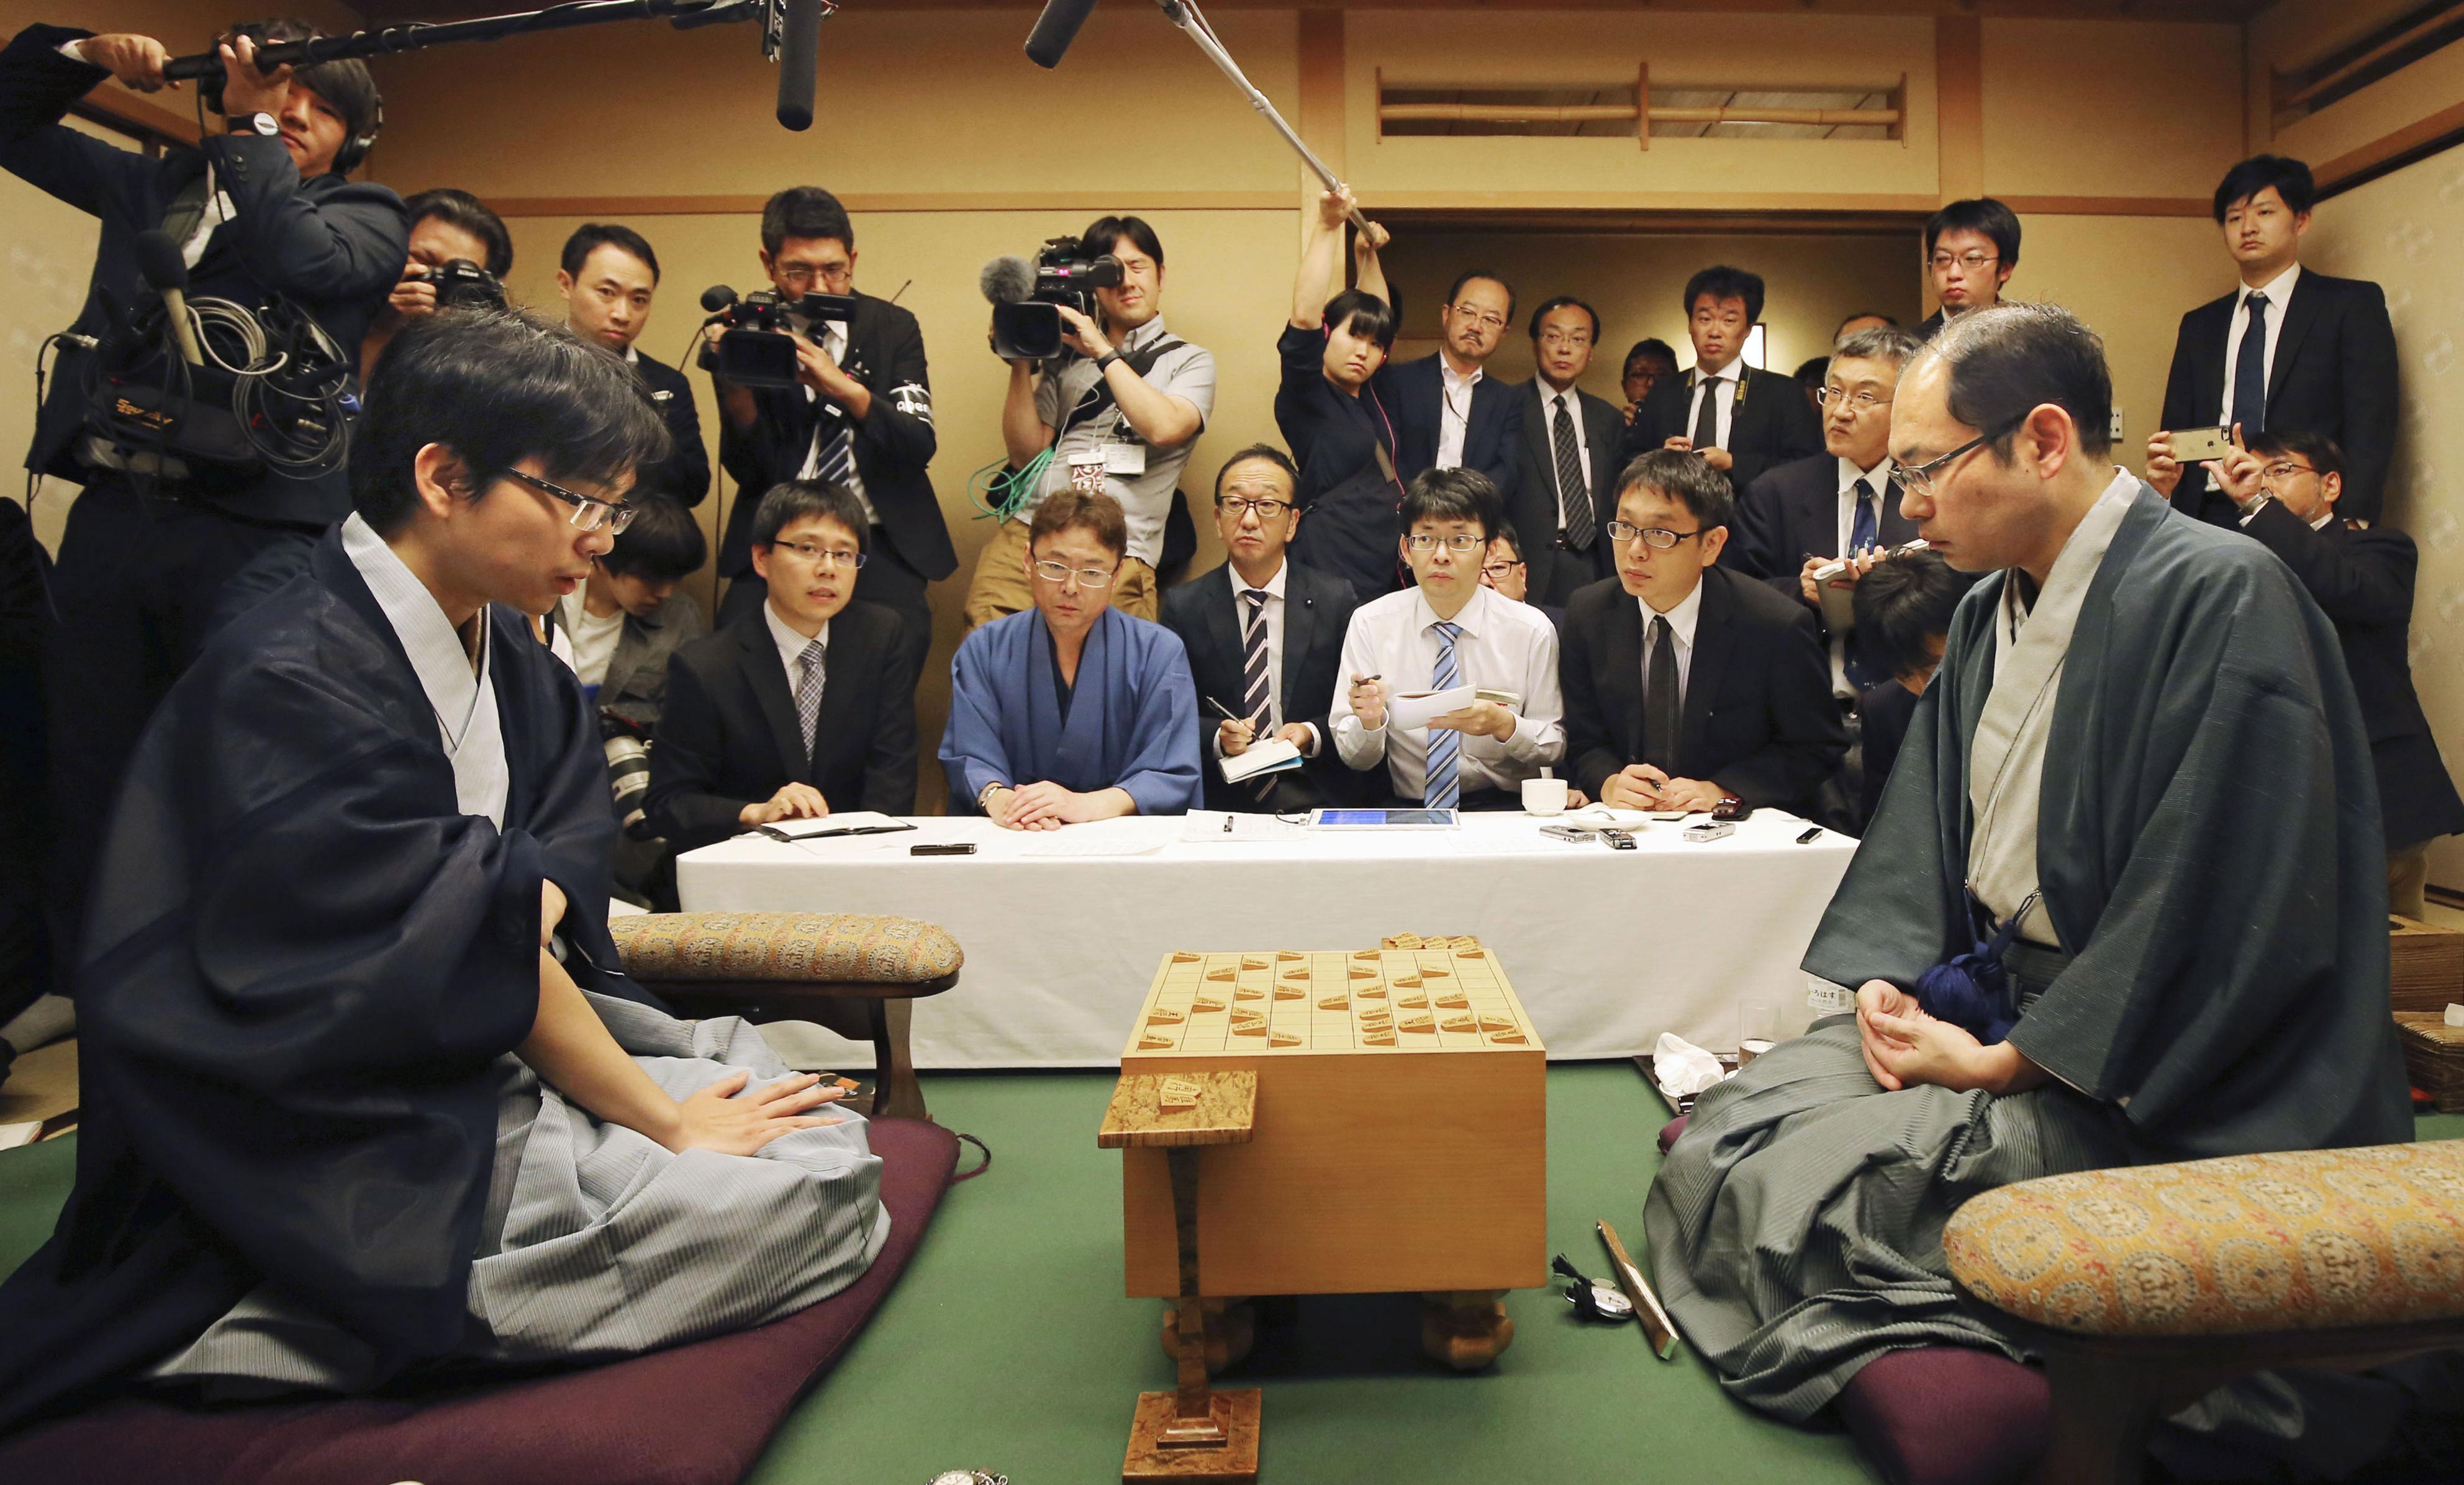 王位戦7番勝負の第7局で豊島王位を破り、最年長で初タイトルを獲得した木村九段(右)(C)日刊ゲンダイ